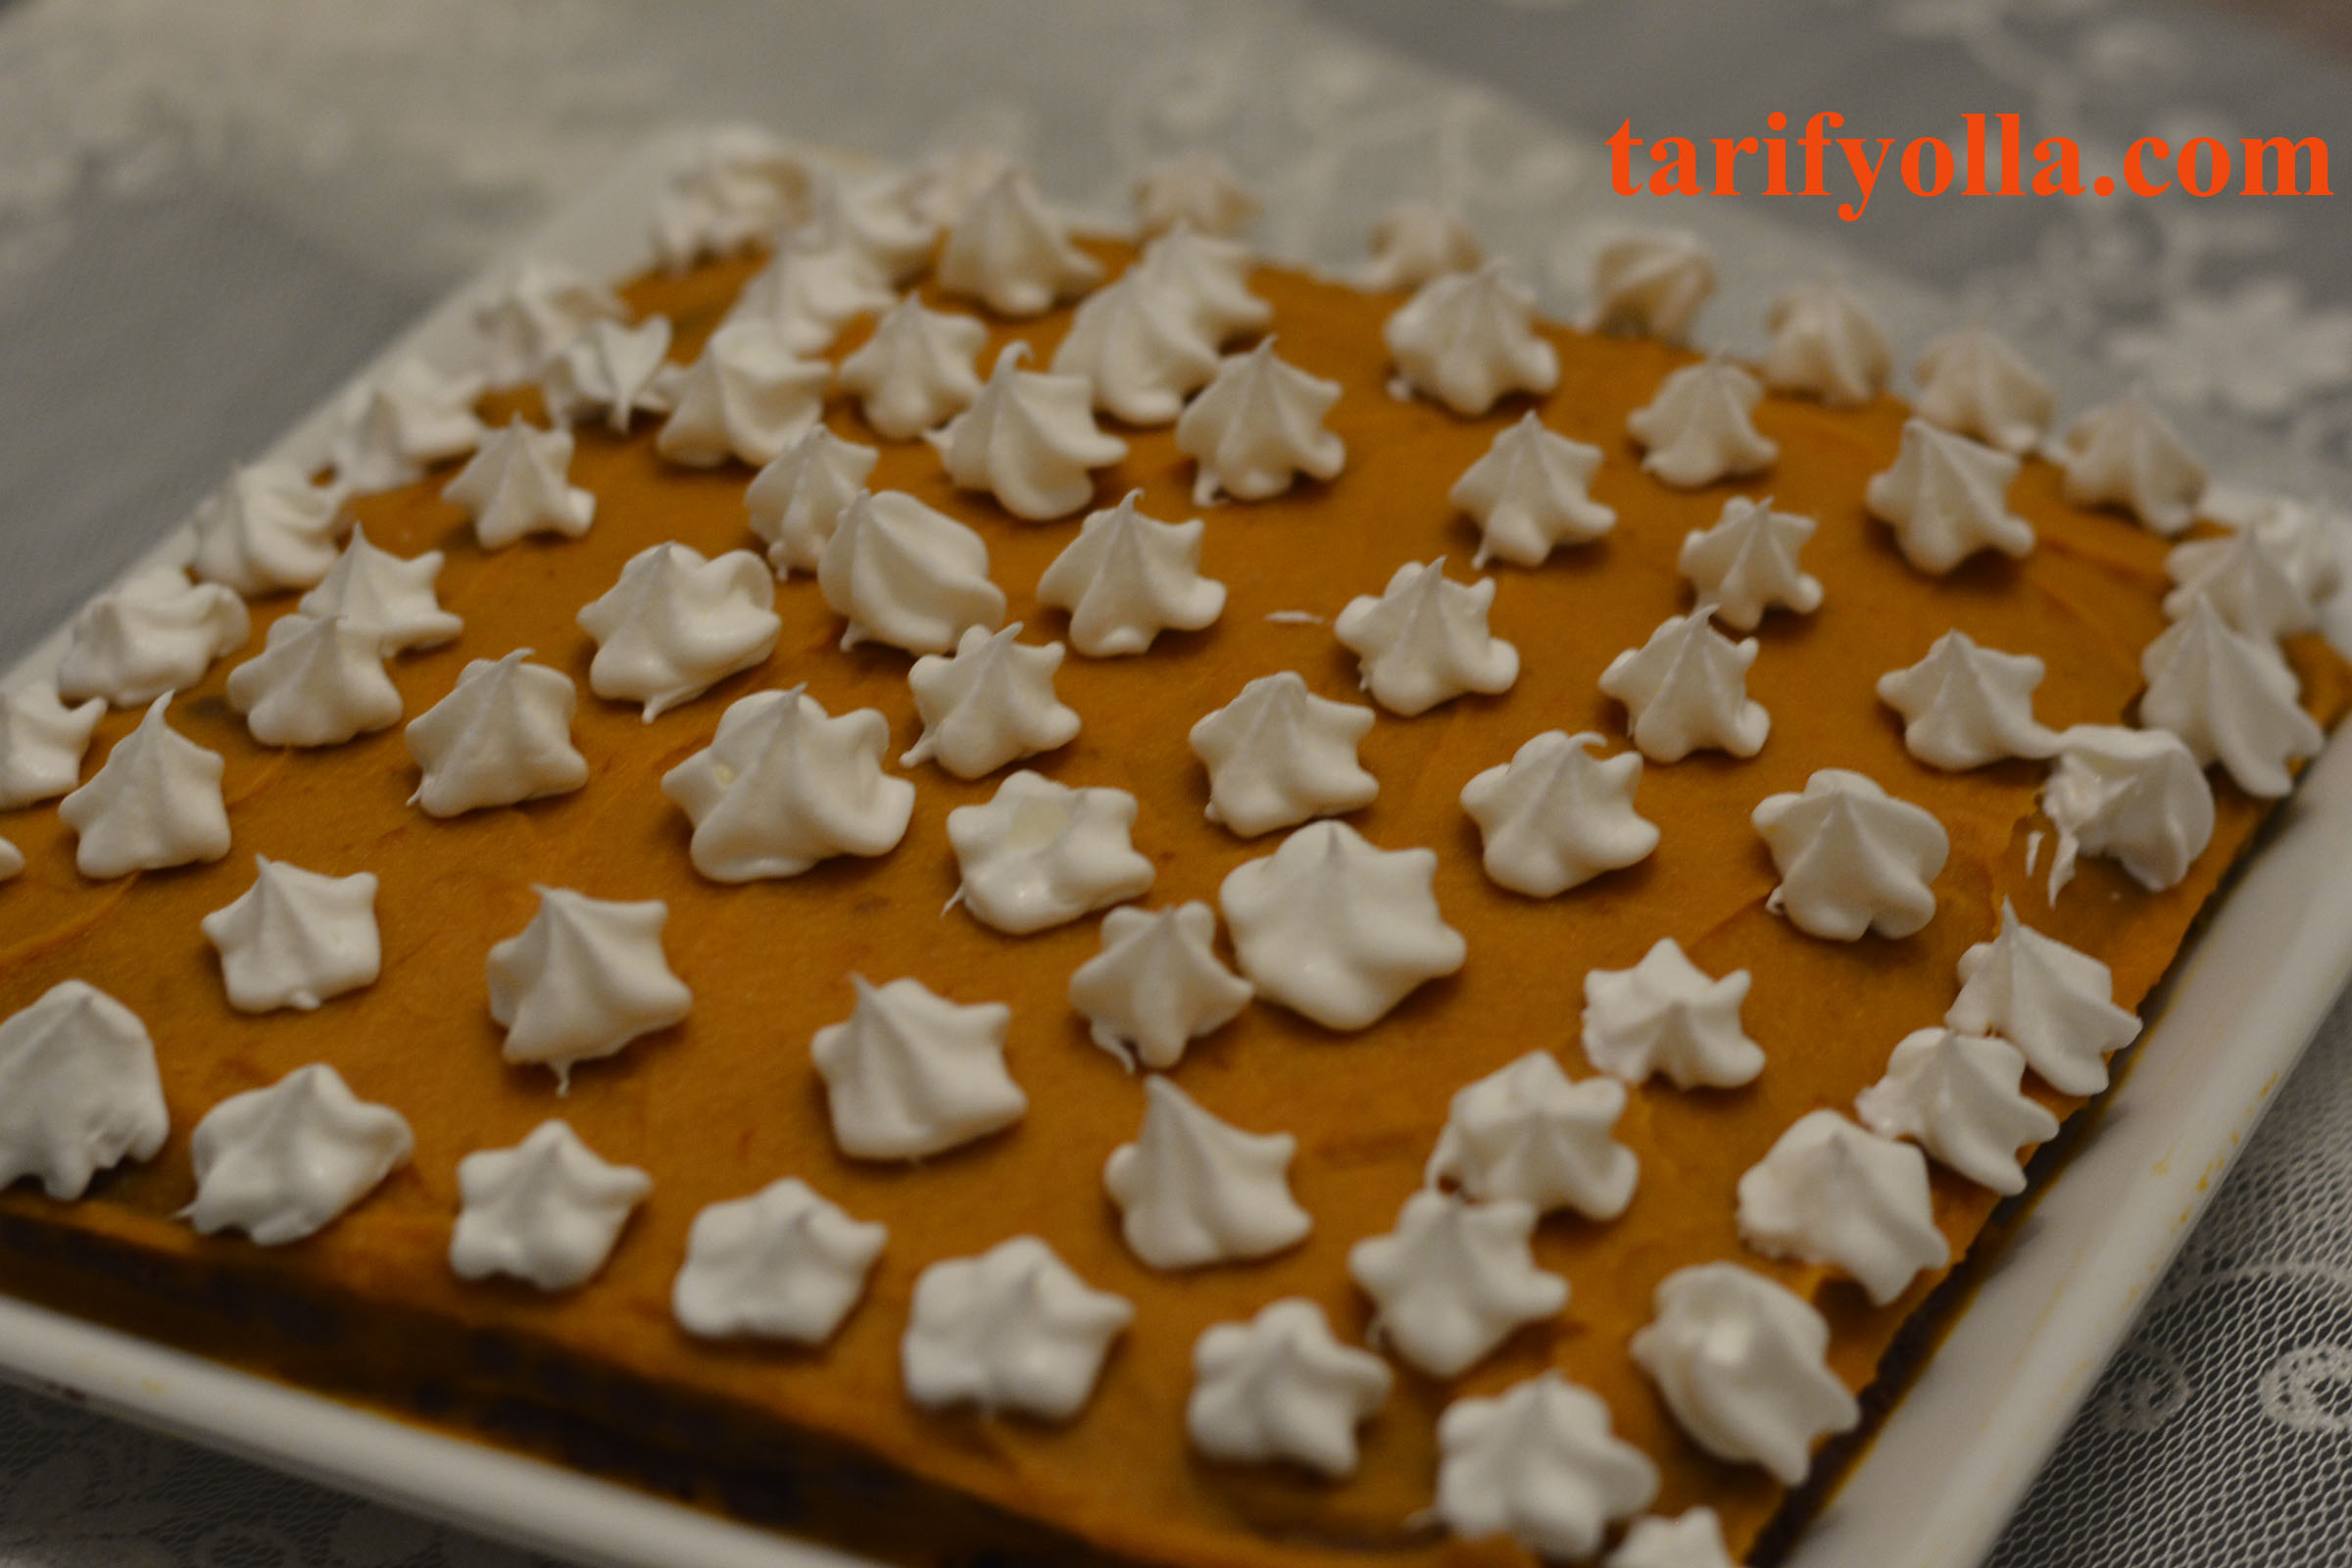 biküvili balkabağı pastası